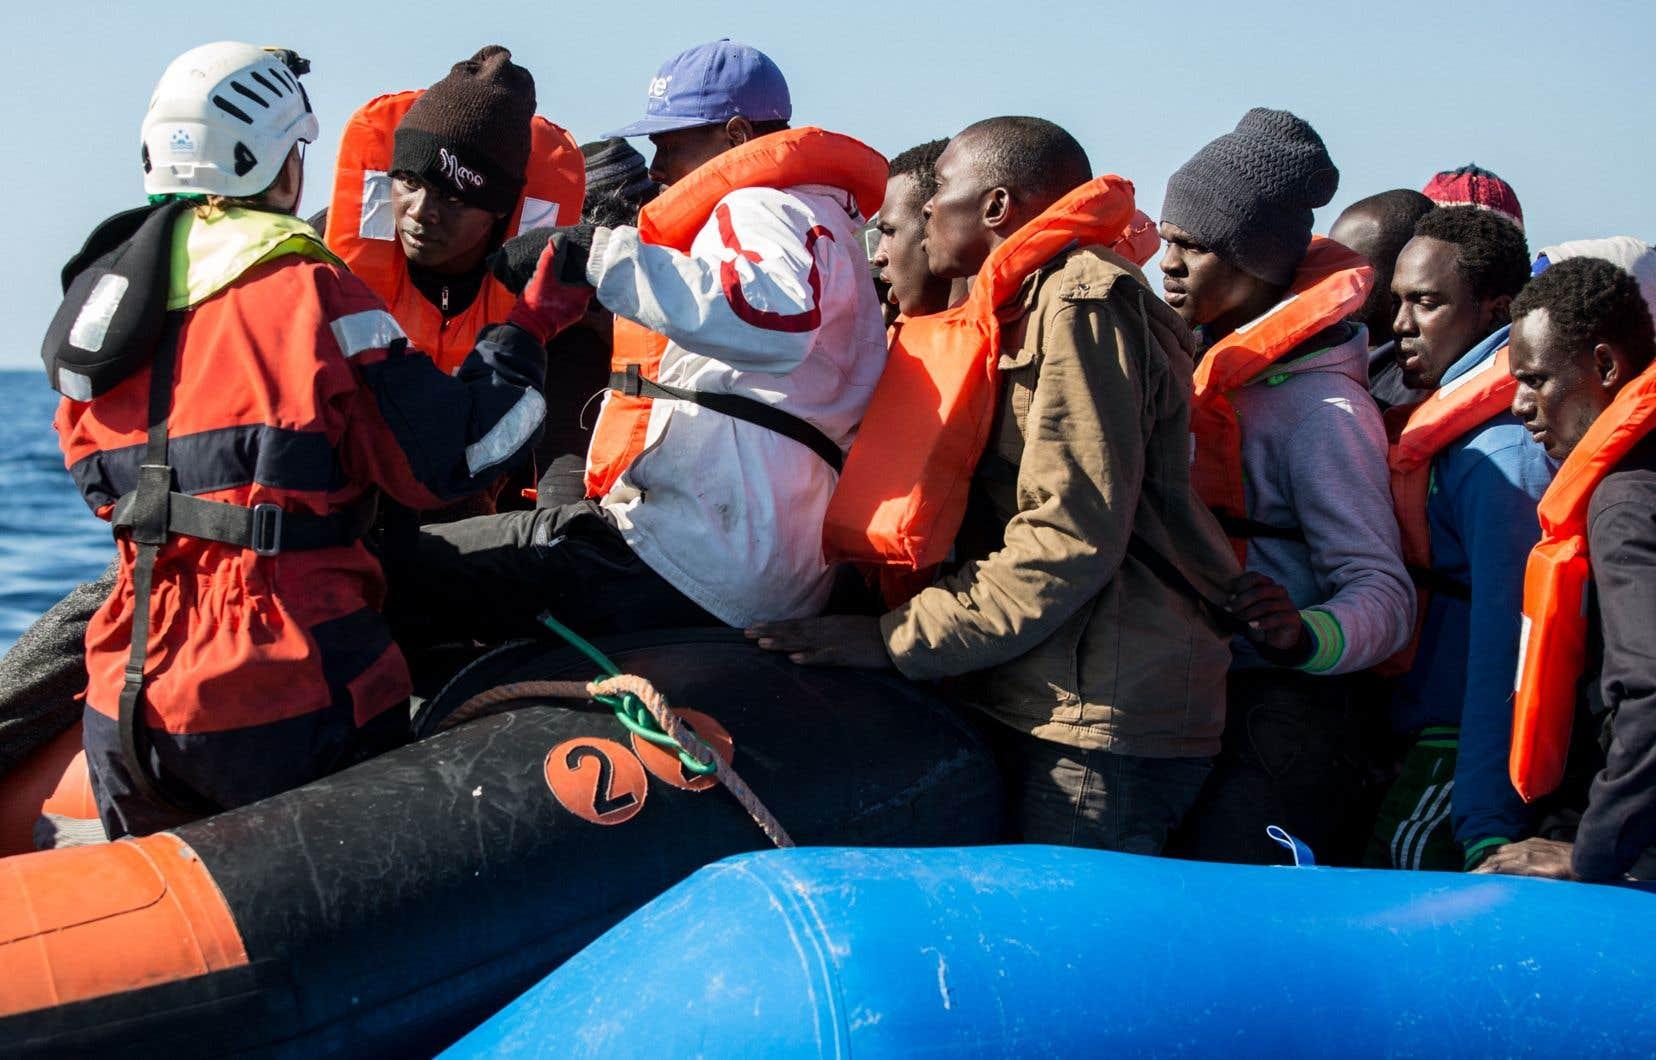 Un groupe de migrants reçoit l'aide d'une équipe Sea Watch, qui vient en aide aux personnes tentant de traverser la Méditerranée.